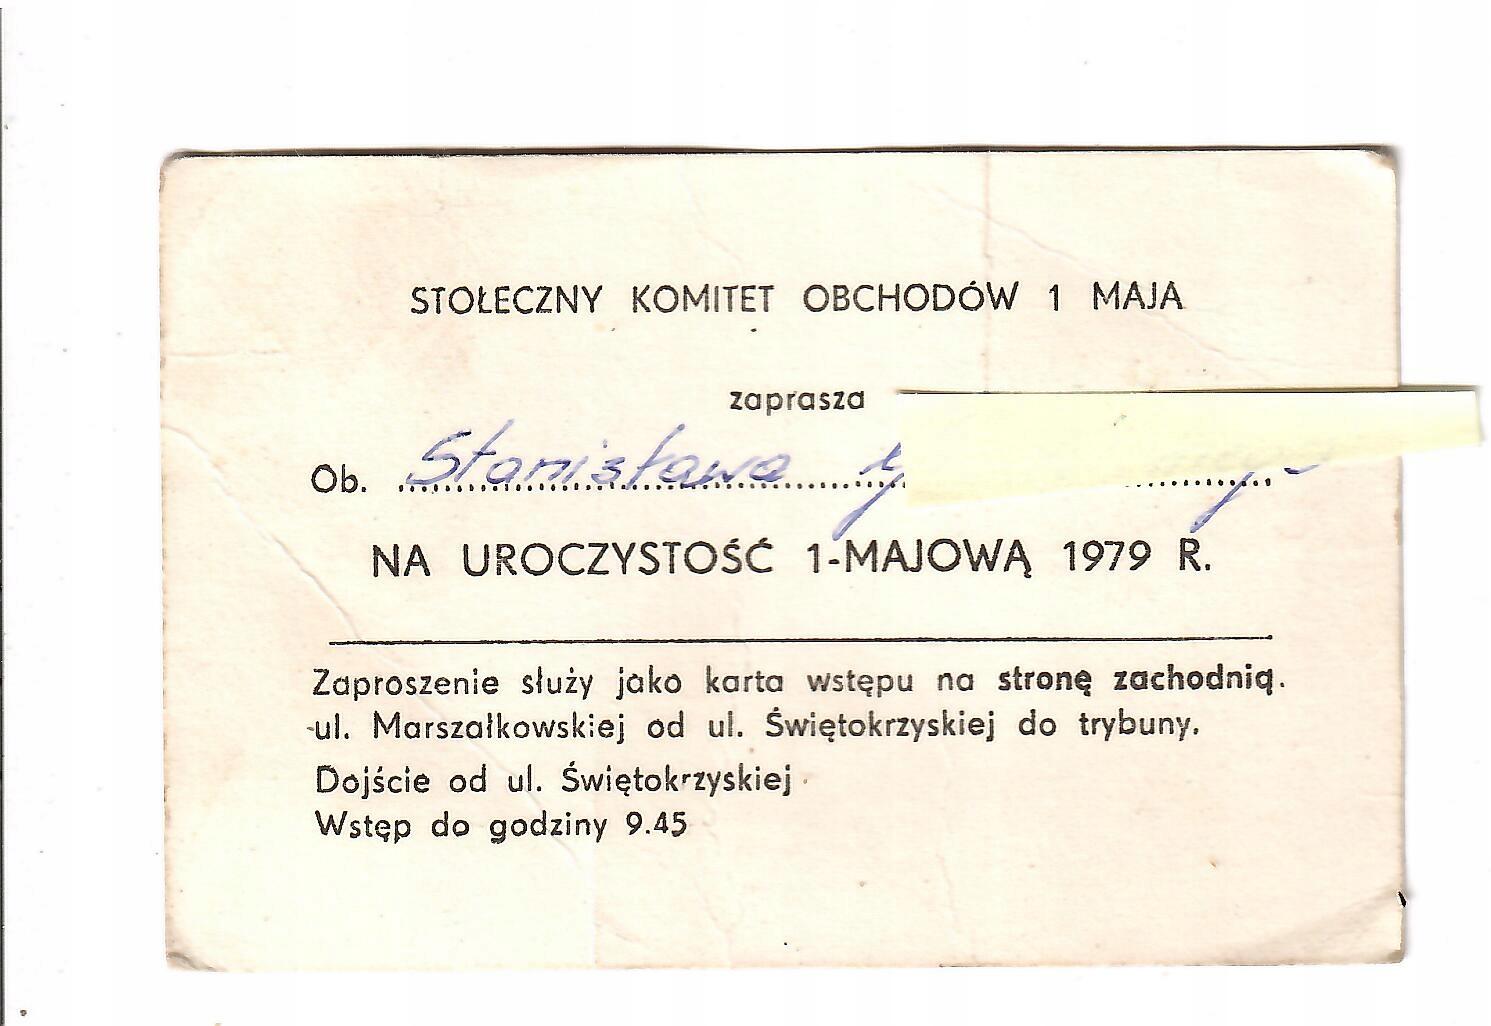 1 МАЯ ВАРШАВА, СПЕЦИАЛЬНОЕ ПРИГЛАШЕНИЕ 1979 г.